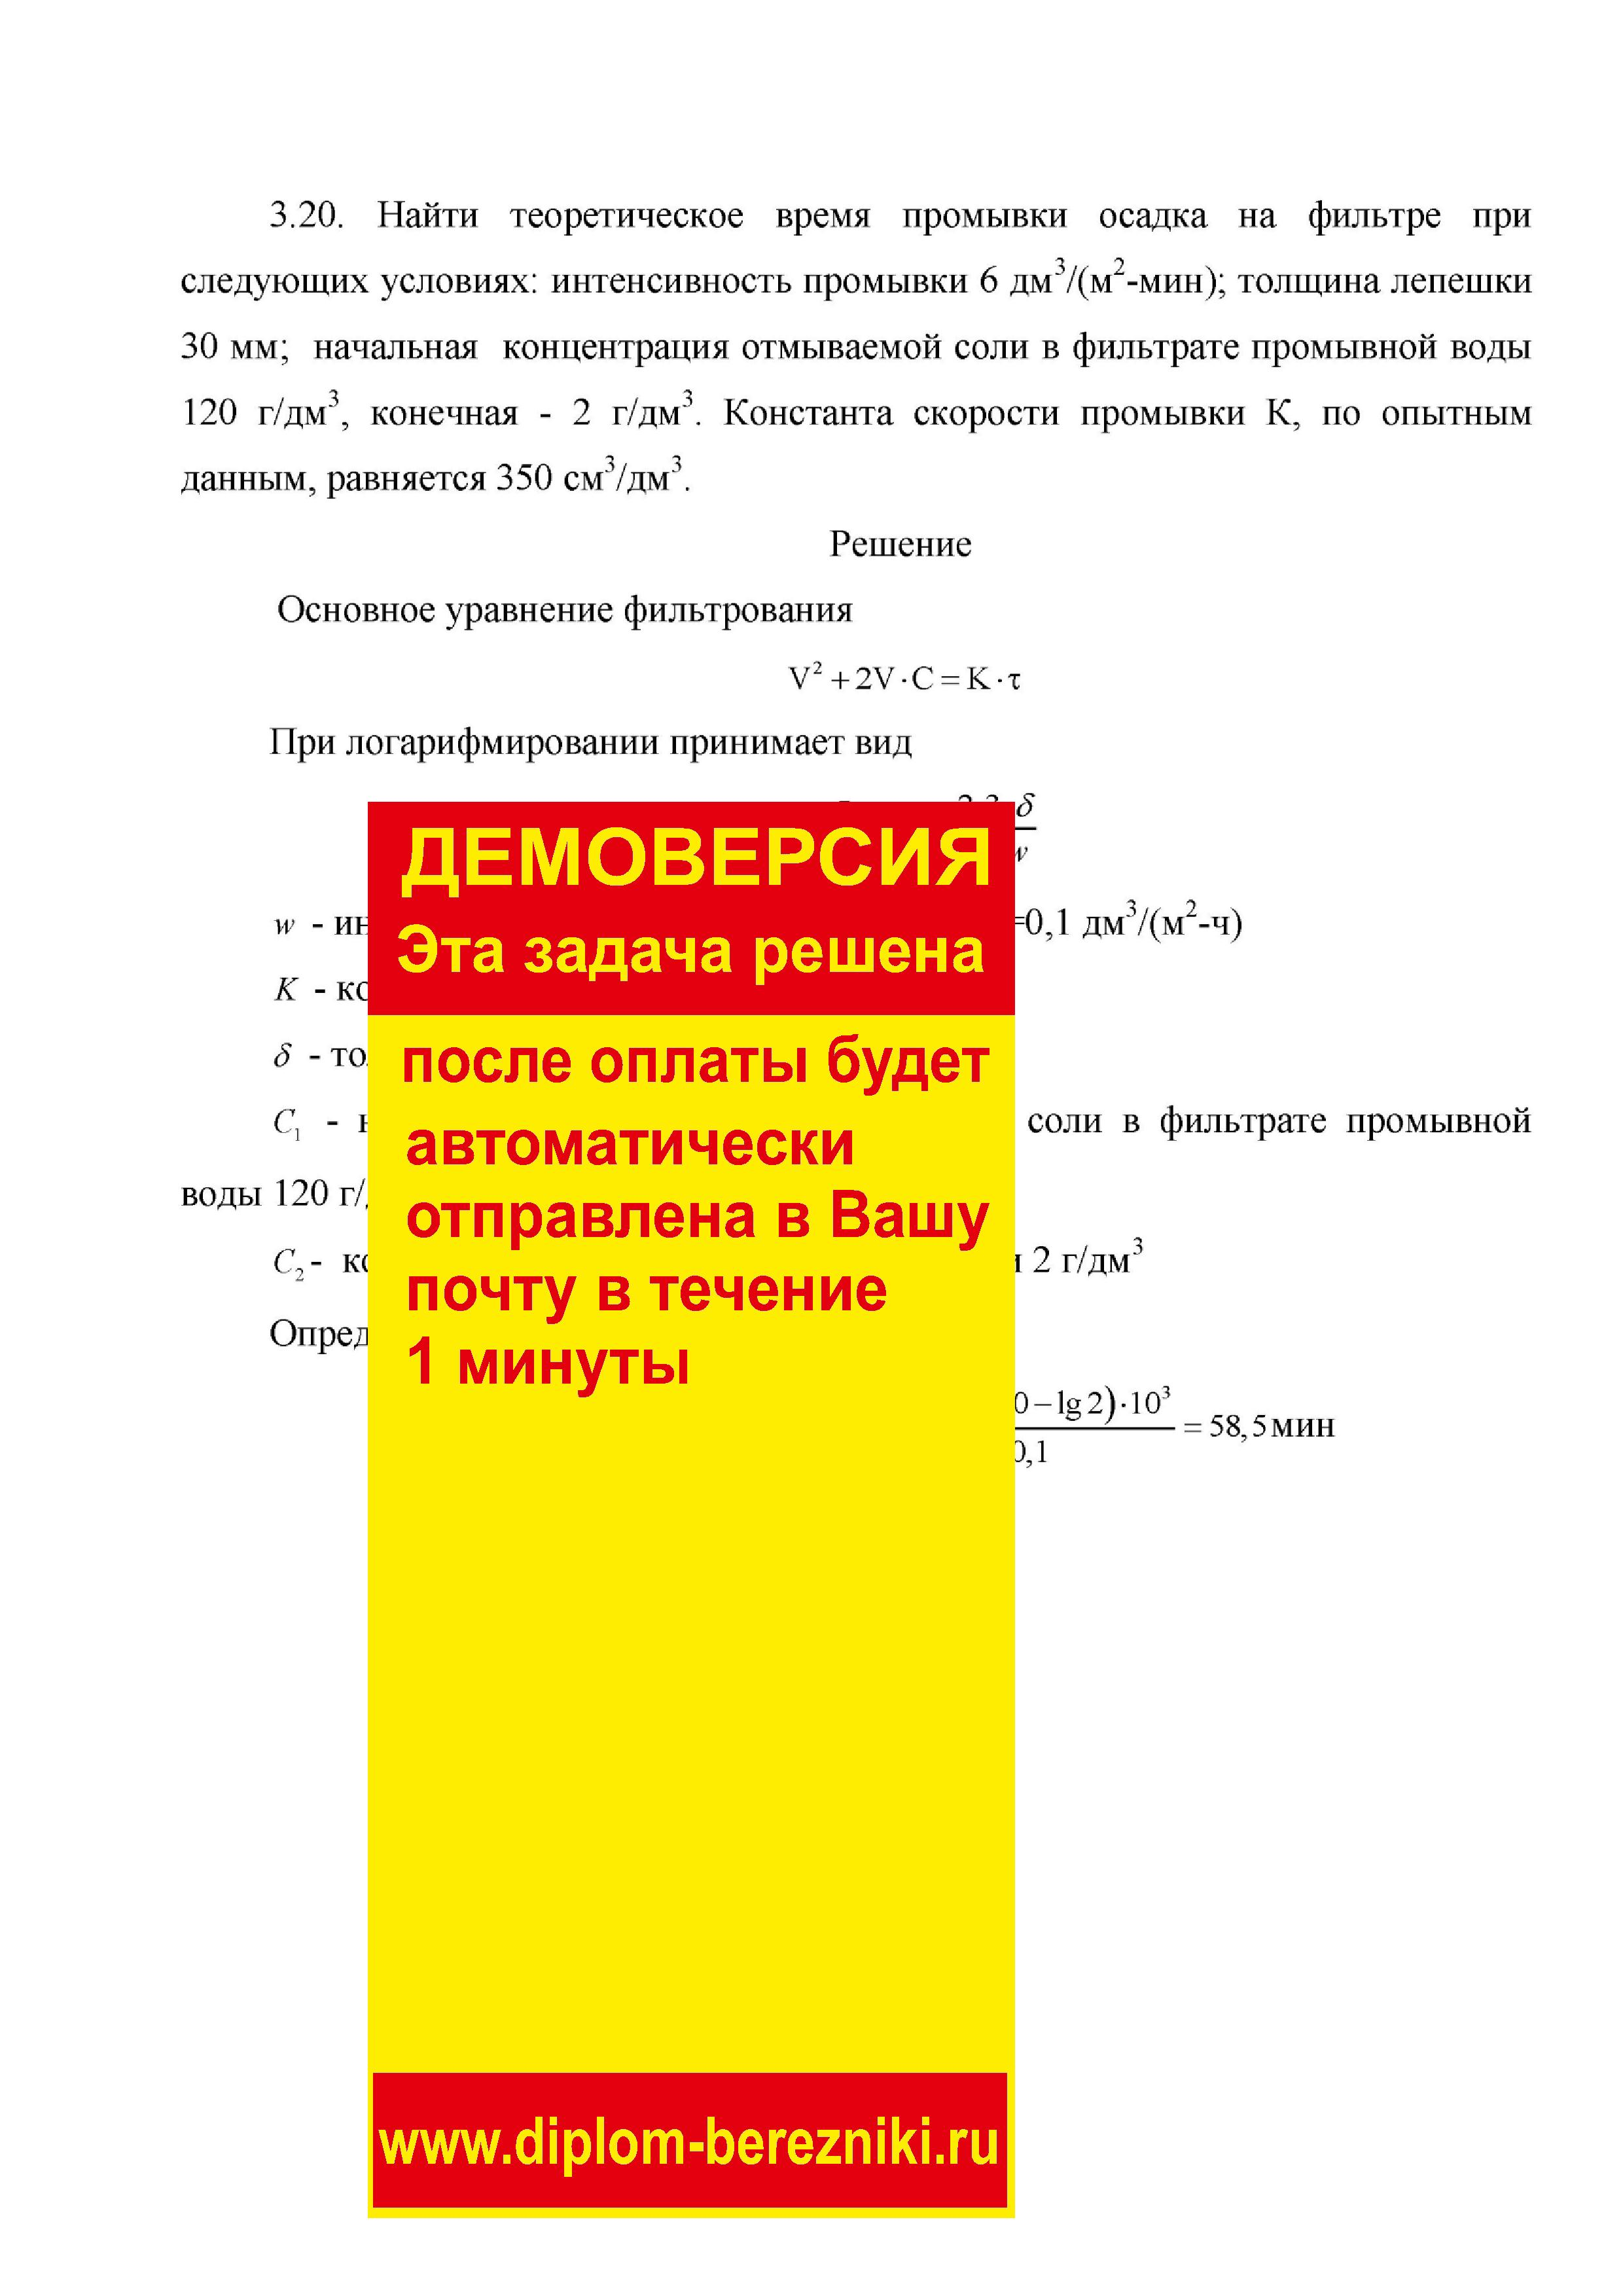 Решение задачи 3.20 по ПАХТ из задачника Павлова Романкова Носкова